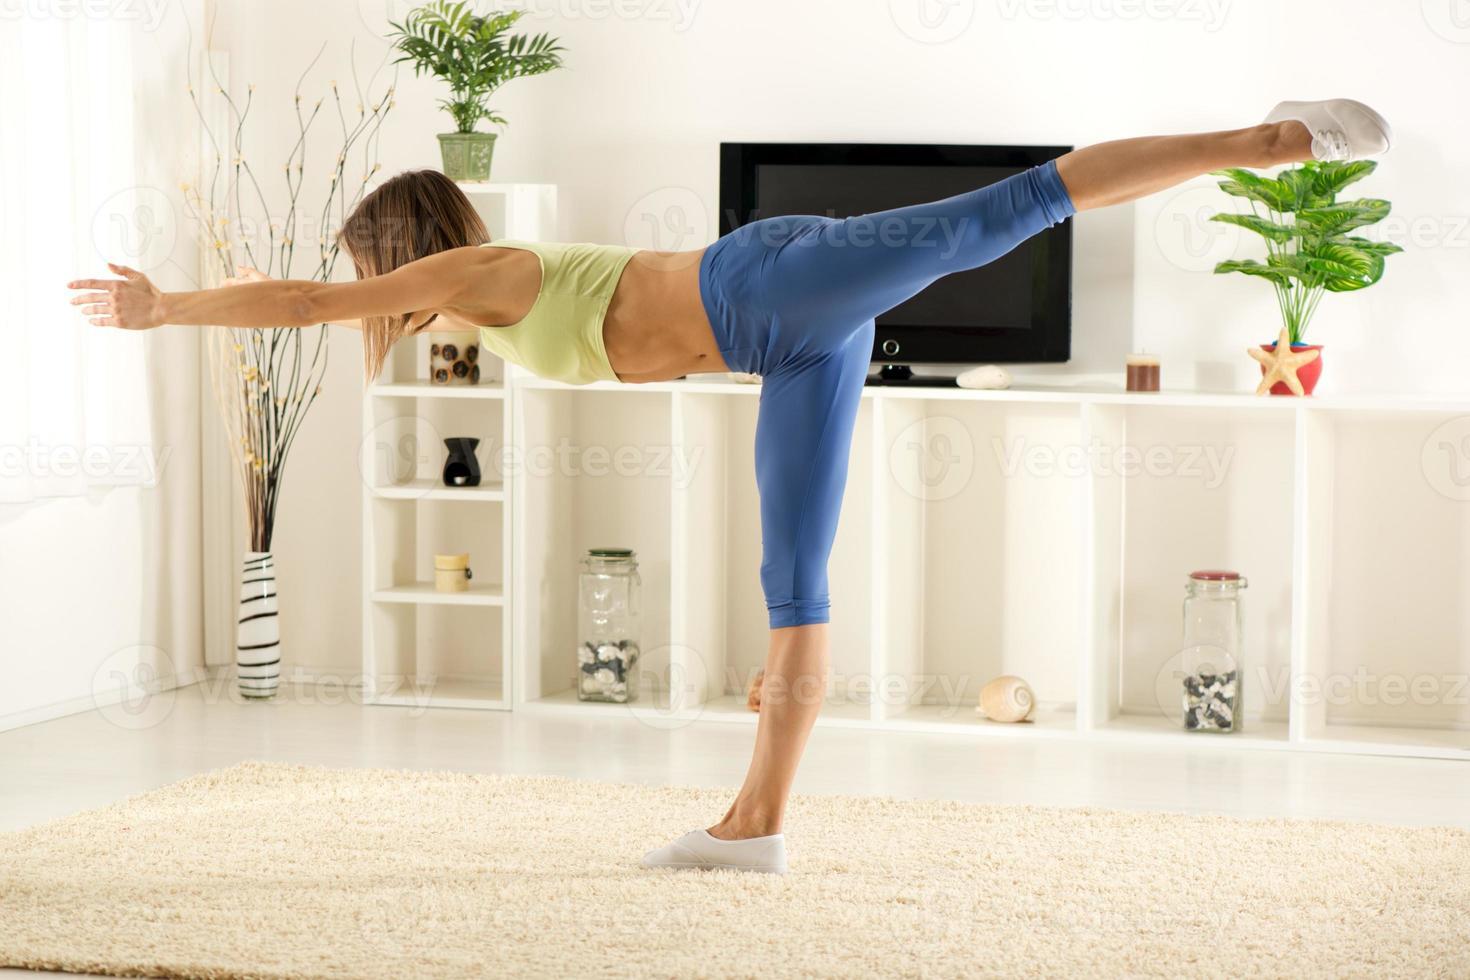 exercitando em casa foto